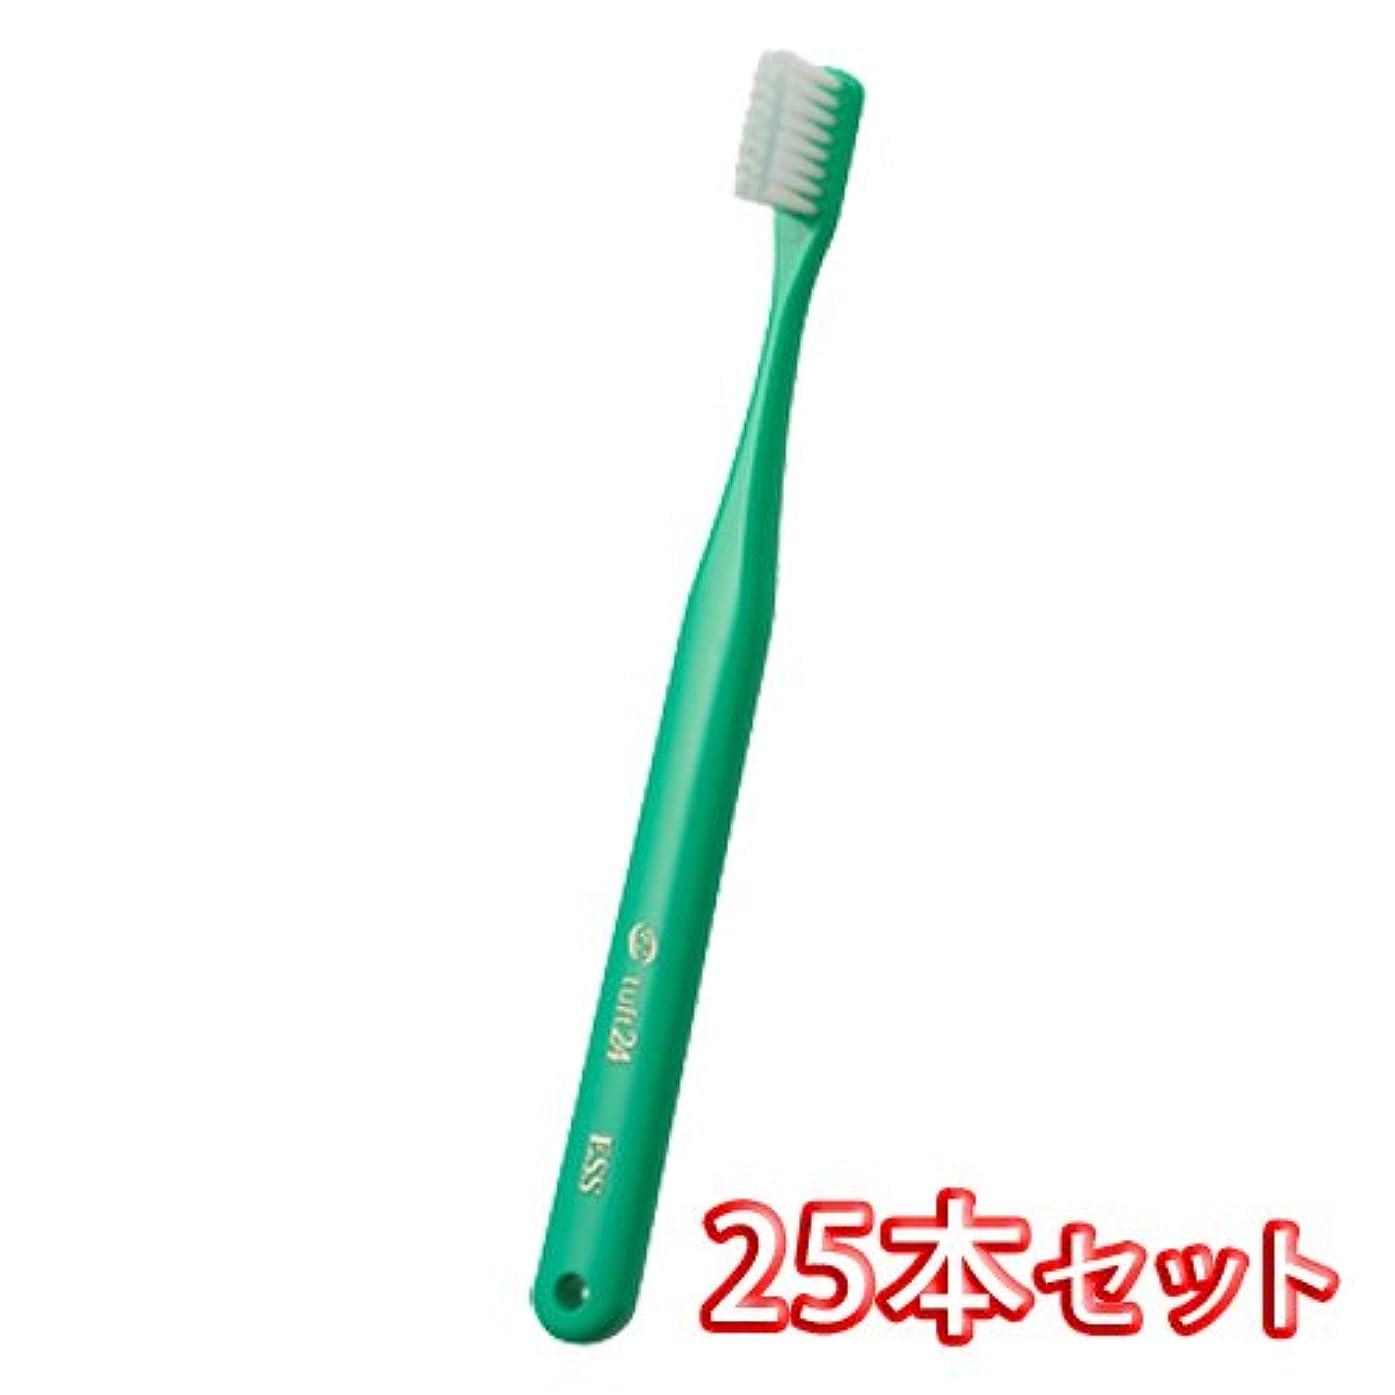 オーラルパンダ重なるオーラルケア キャップ付き タフト 24 歯ブラシ 25本入 ミディアムハード MH (グリーン)